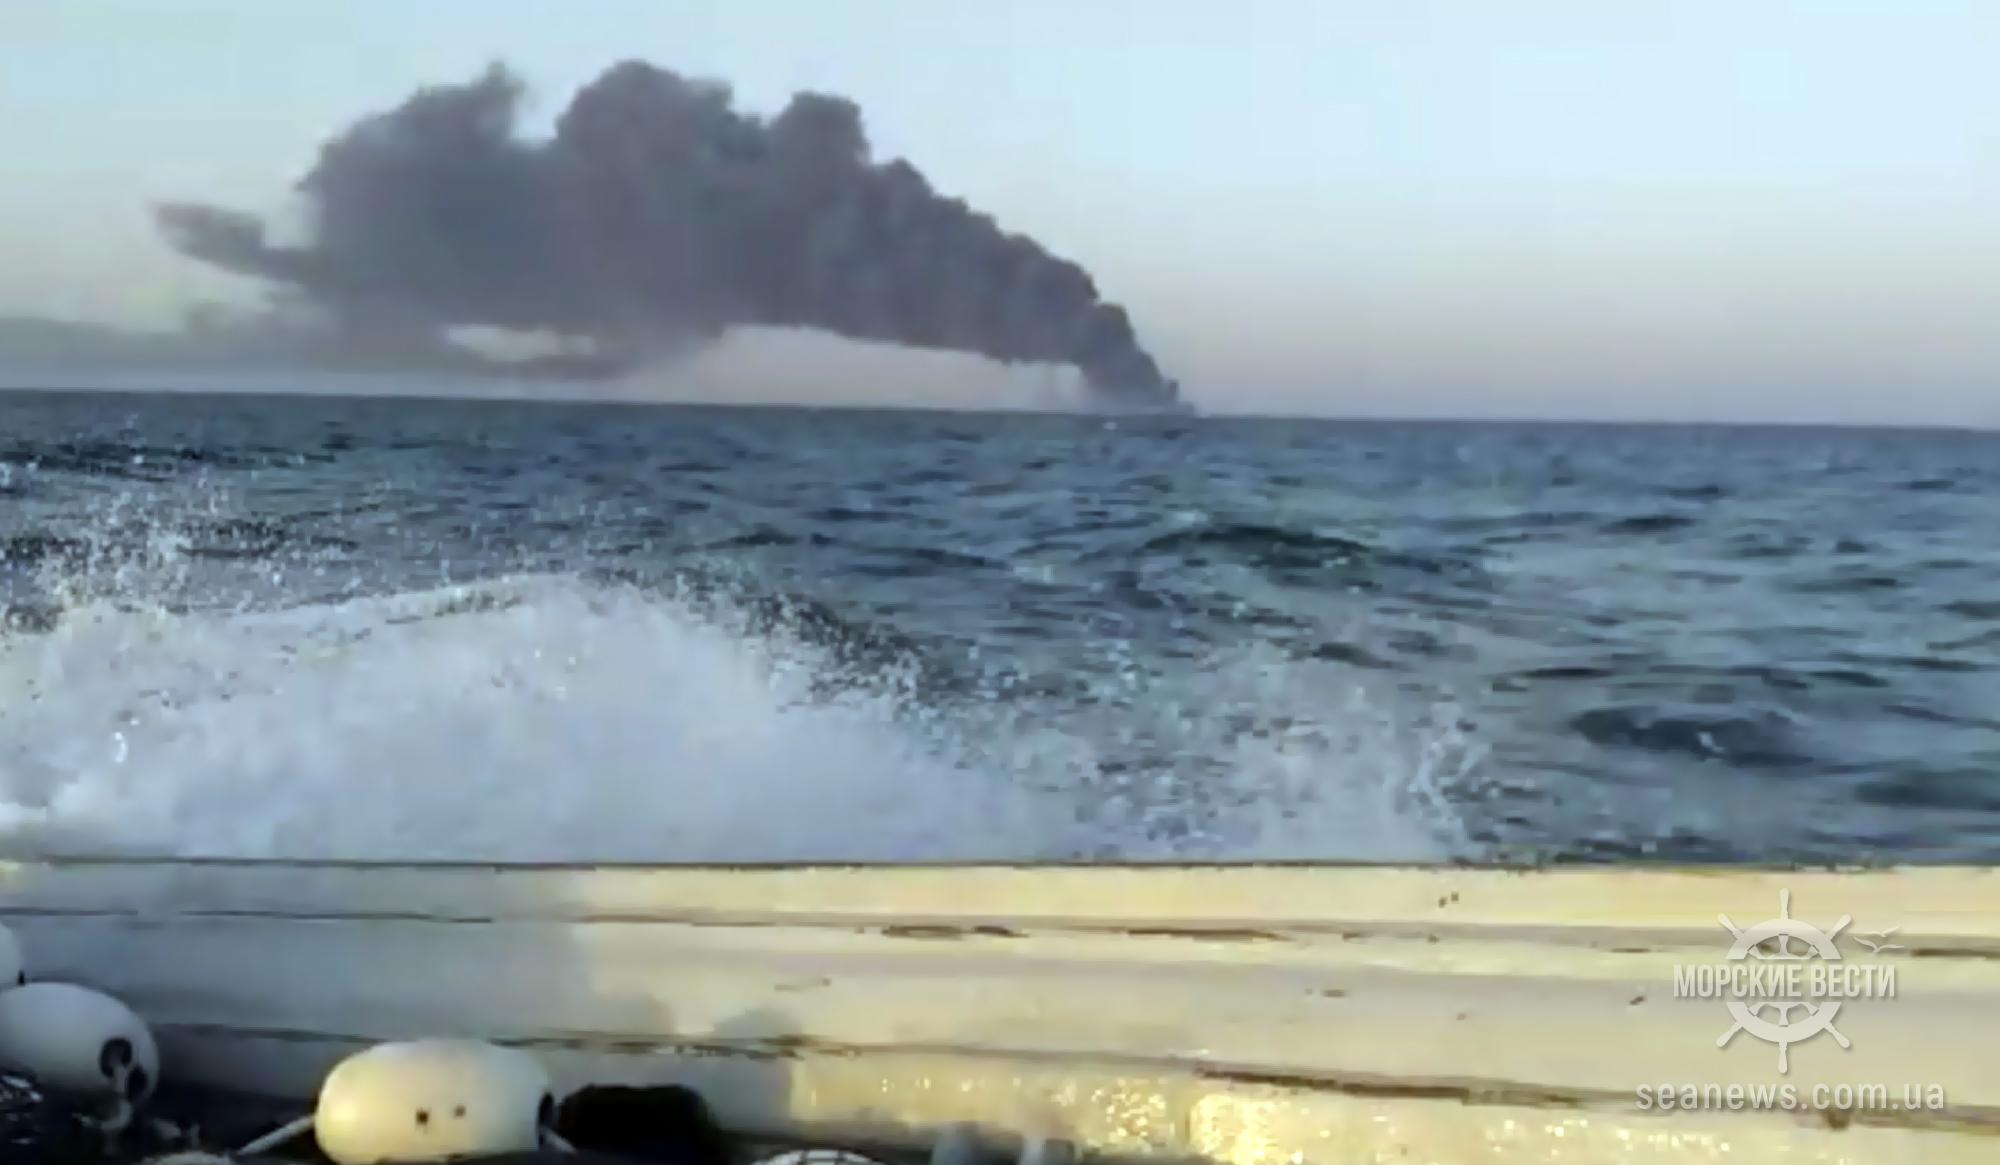 Один из крупнейших кораблей ВМС Ирана тонет в Оманском заливе